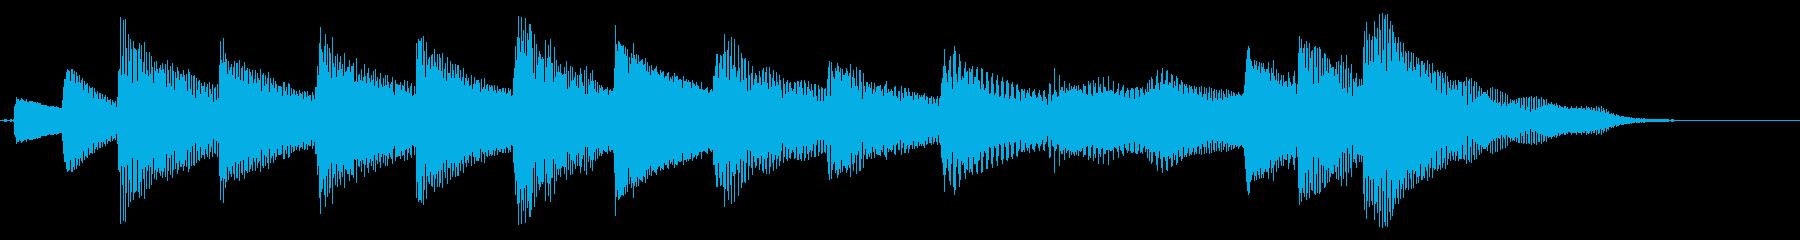 【ジングル】穏やかで明るいピアノソロの再生済みの波形